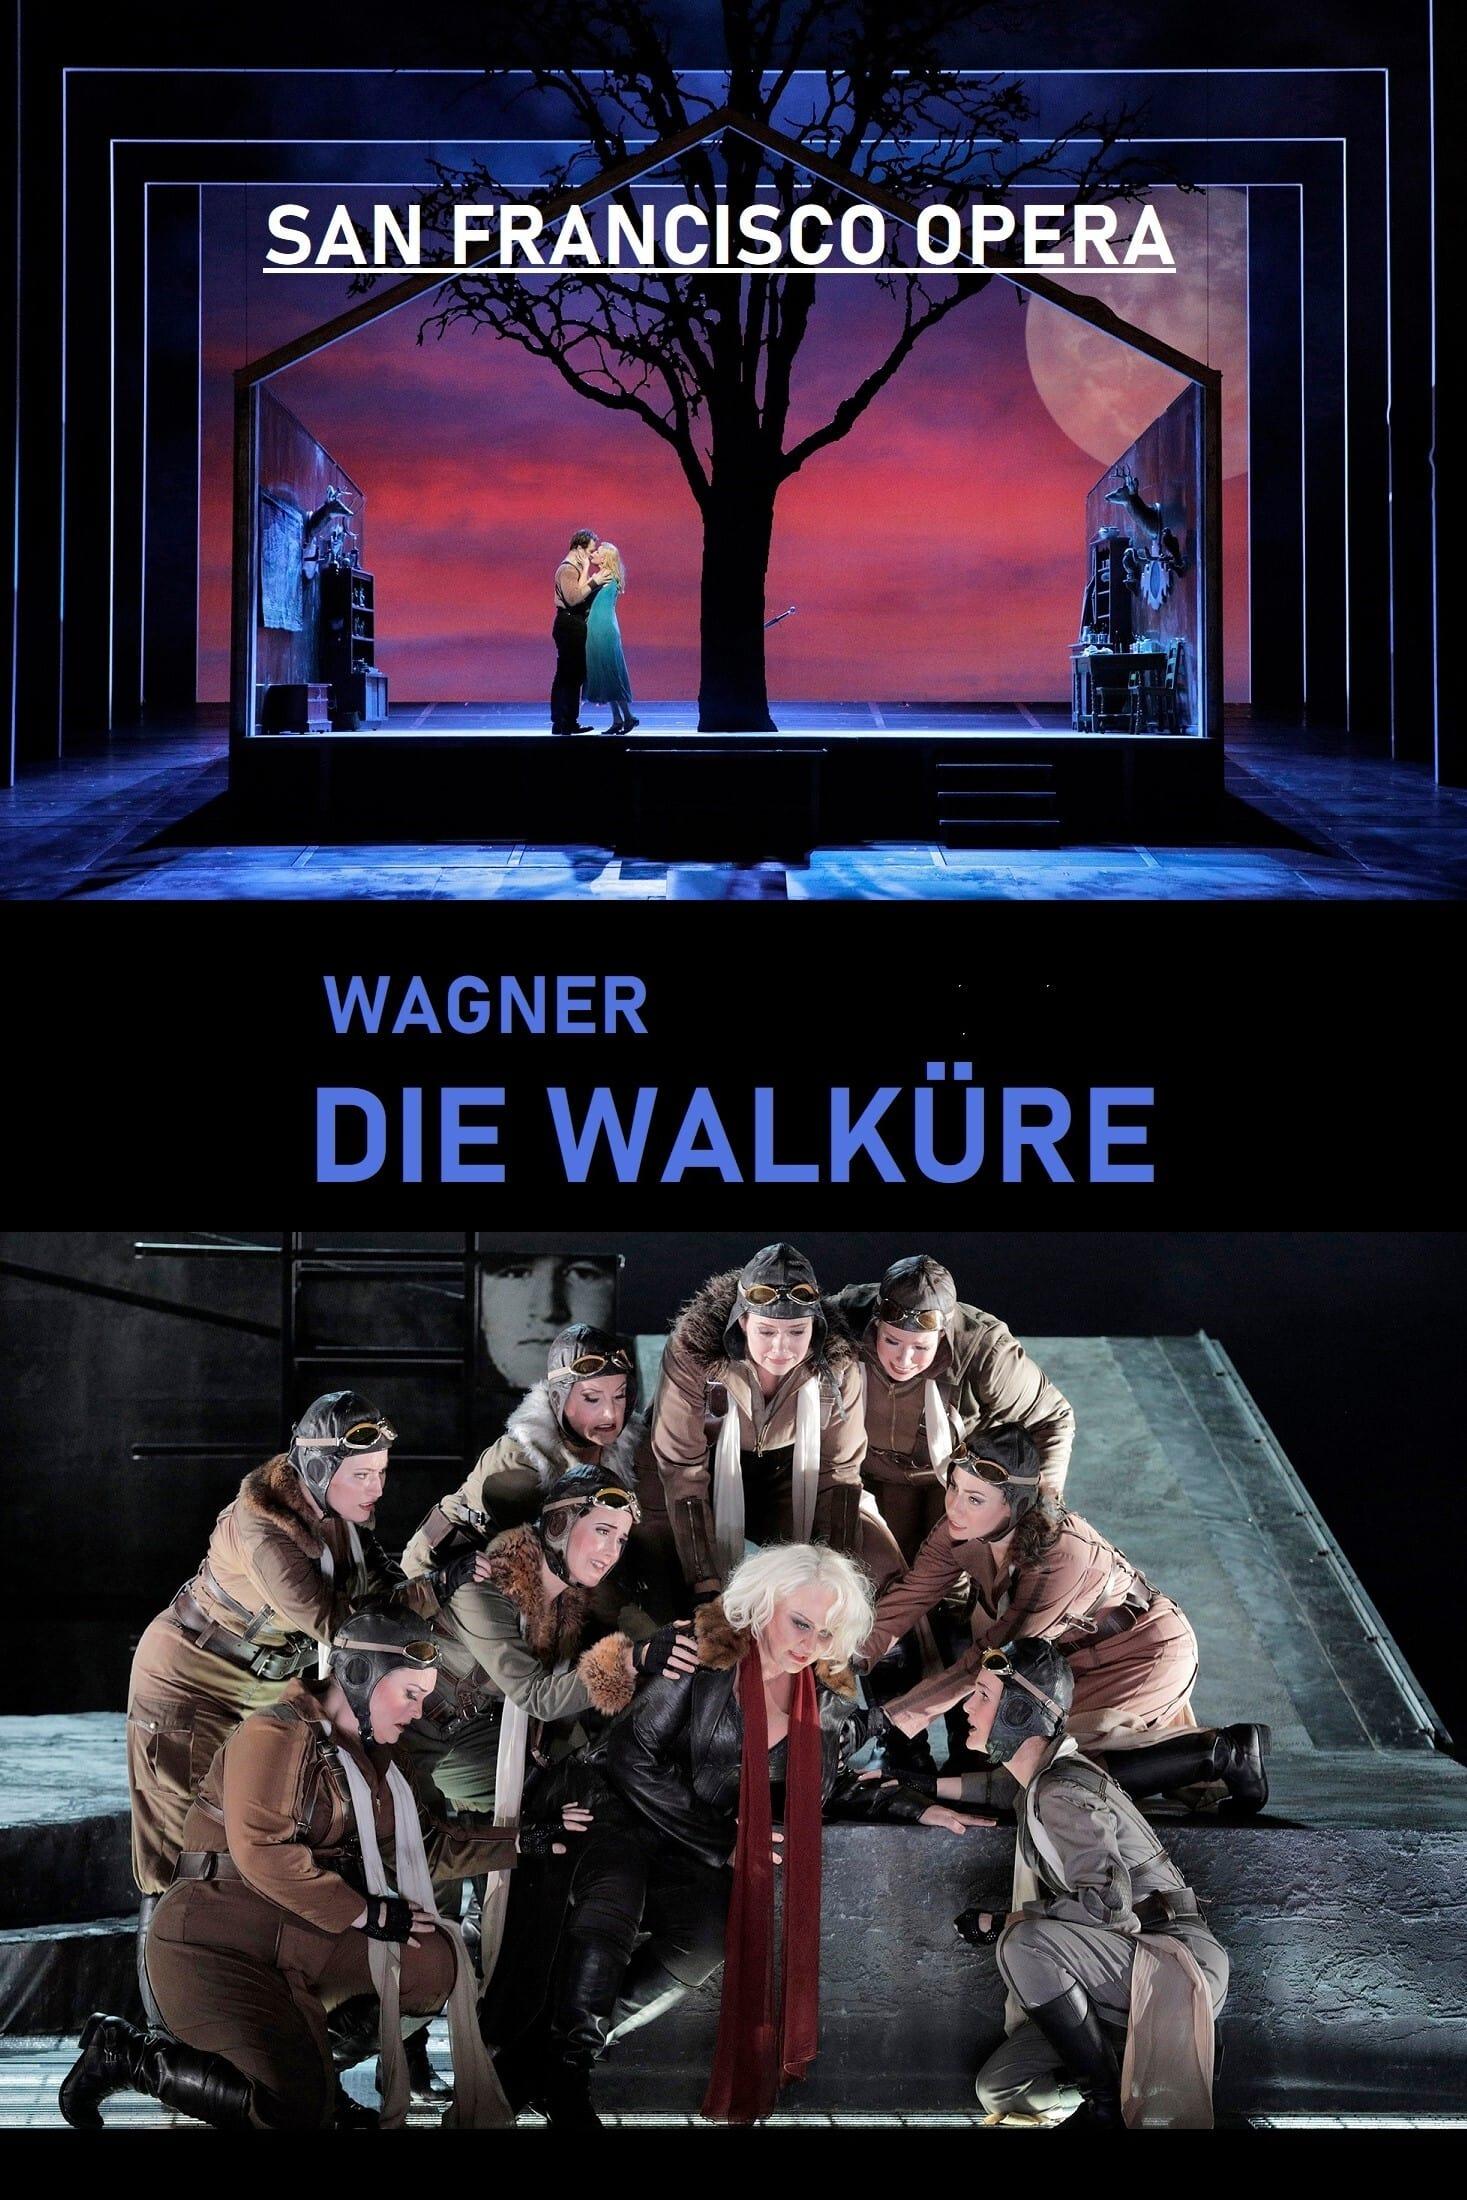 Die Walküre - San Francisco Opera